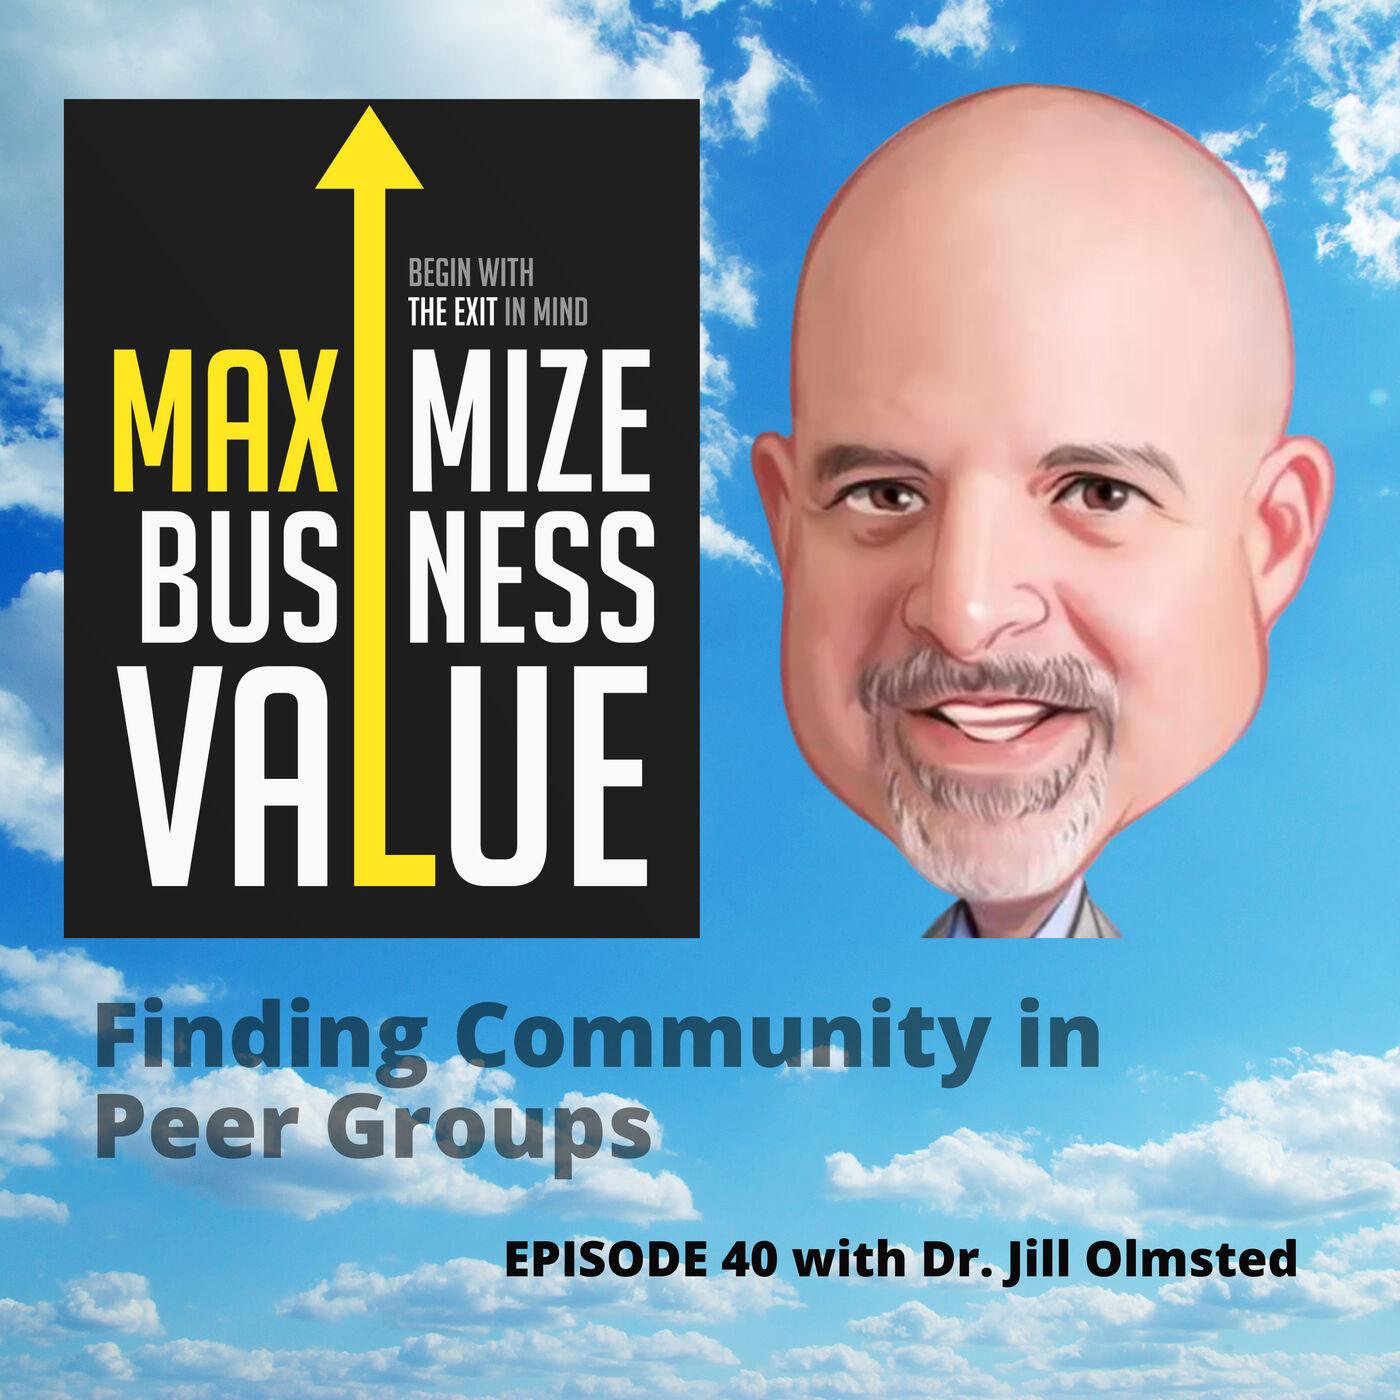 Finding Community in Peer Groups